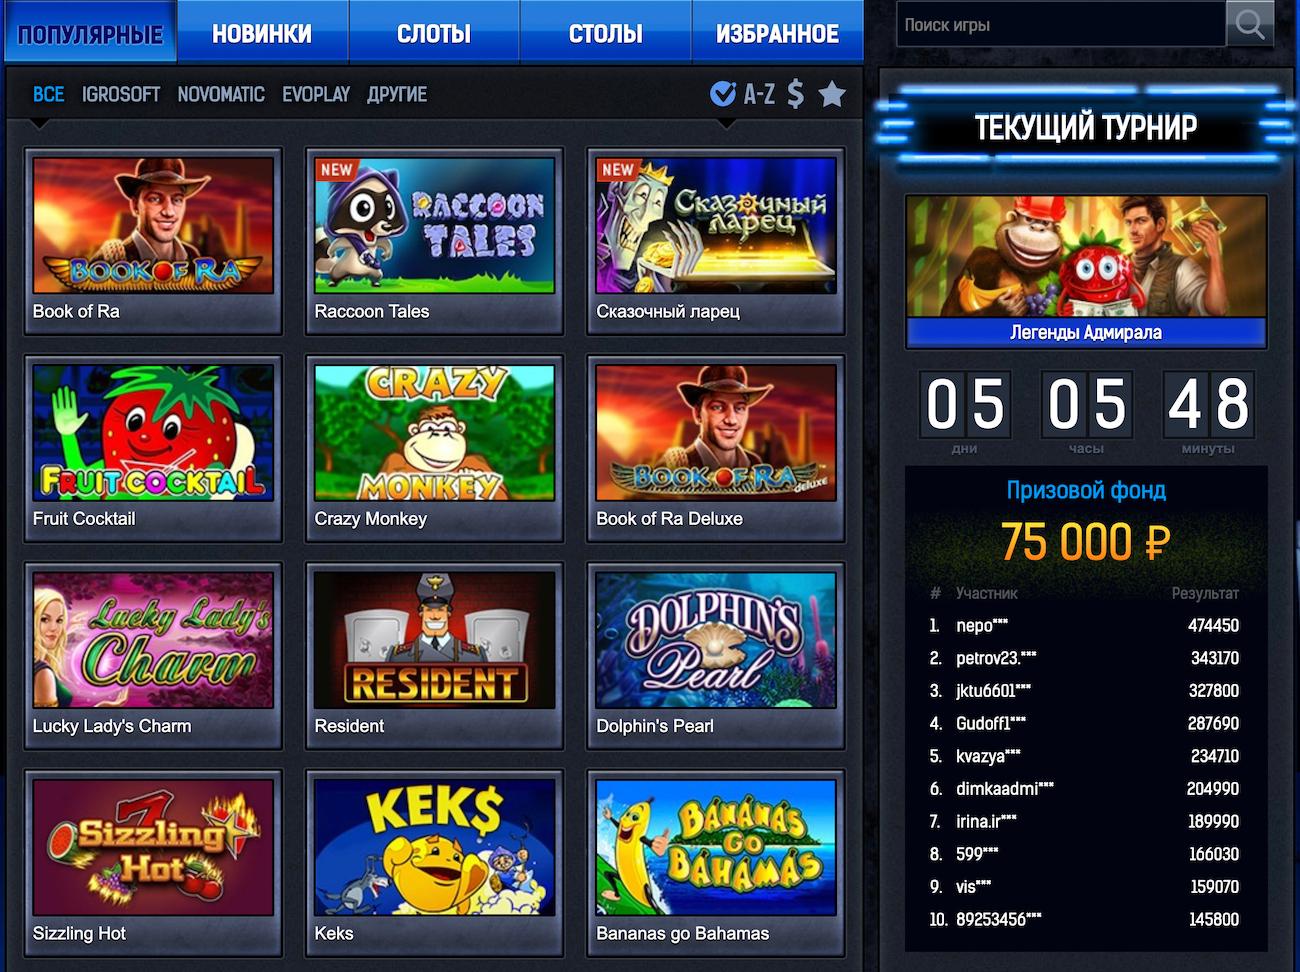 Рамблнр игровые аппараты можно ли играть в карты на деньги